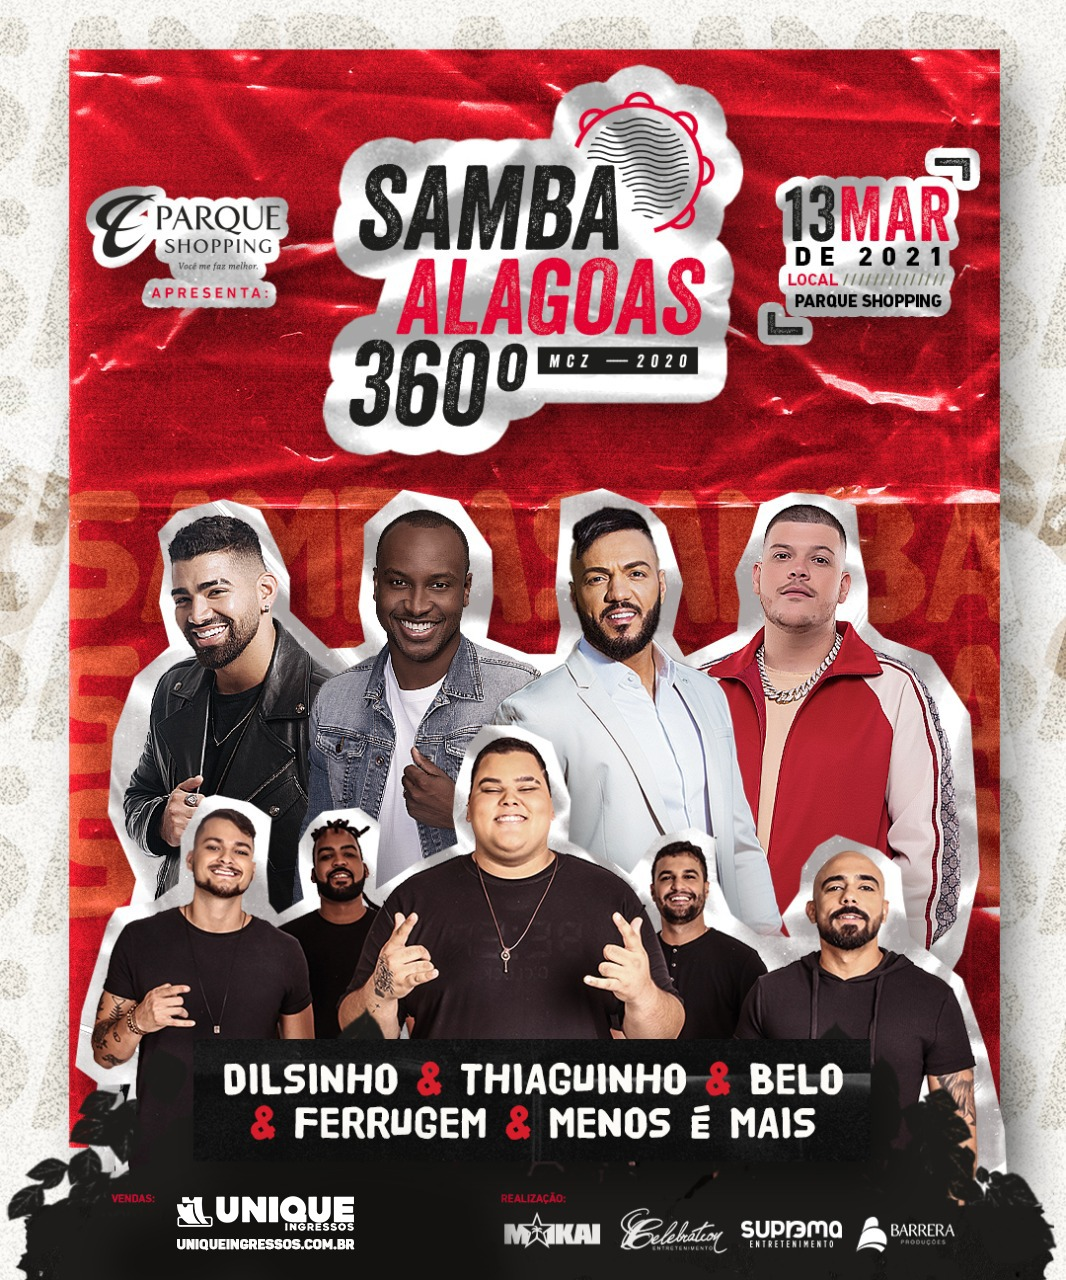 SAMBA ALAGOAS 360